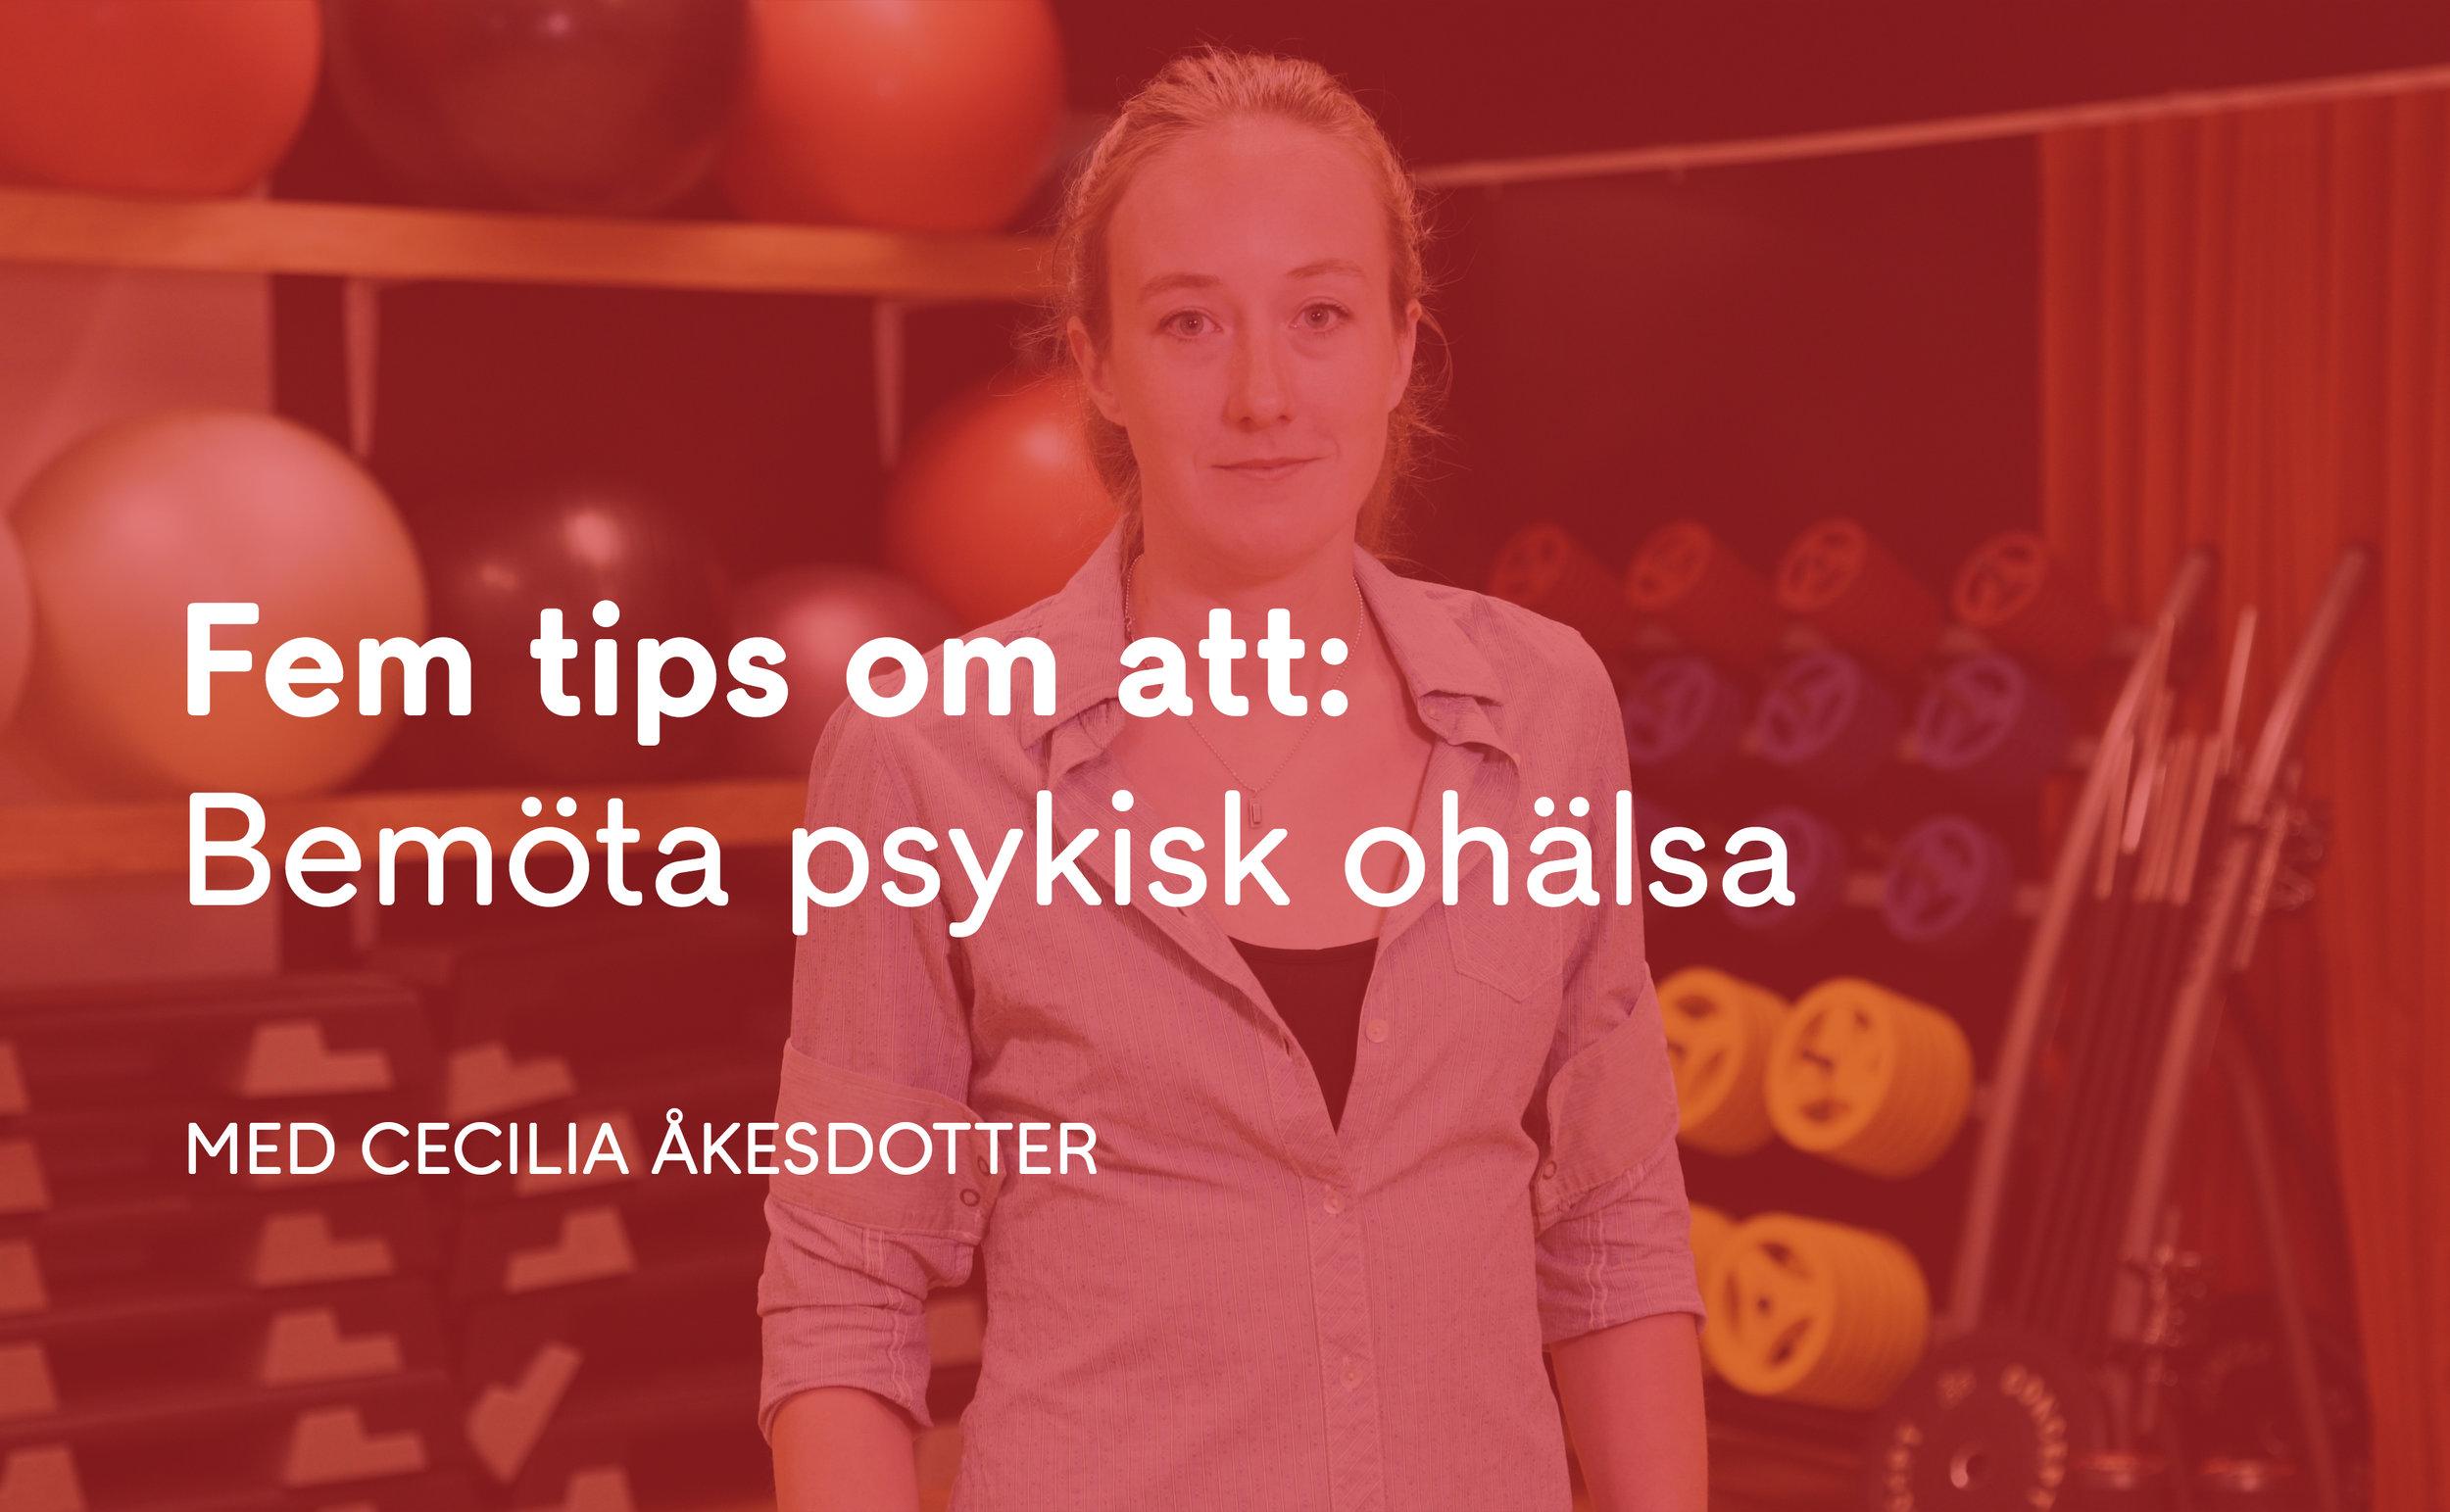 Cecilia Åkesdotter  har själv vunnit VM-guld i Taekwondo och är nu doktorand på Gymnastik- och idrottshögskolan i Stockholm (GIH) med psykisk ohälsa hos elitidrottare som forskningsområde. I den Sociala Spelbokenger Cecilia 5 tips till tränare på hur de kan bemöta och sprida kunskap om psykisk ohälsa.    Se filmen här